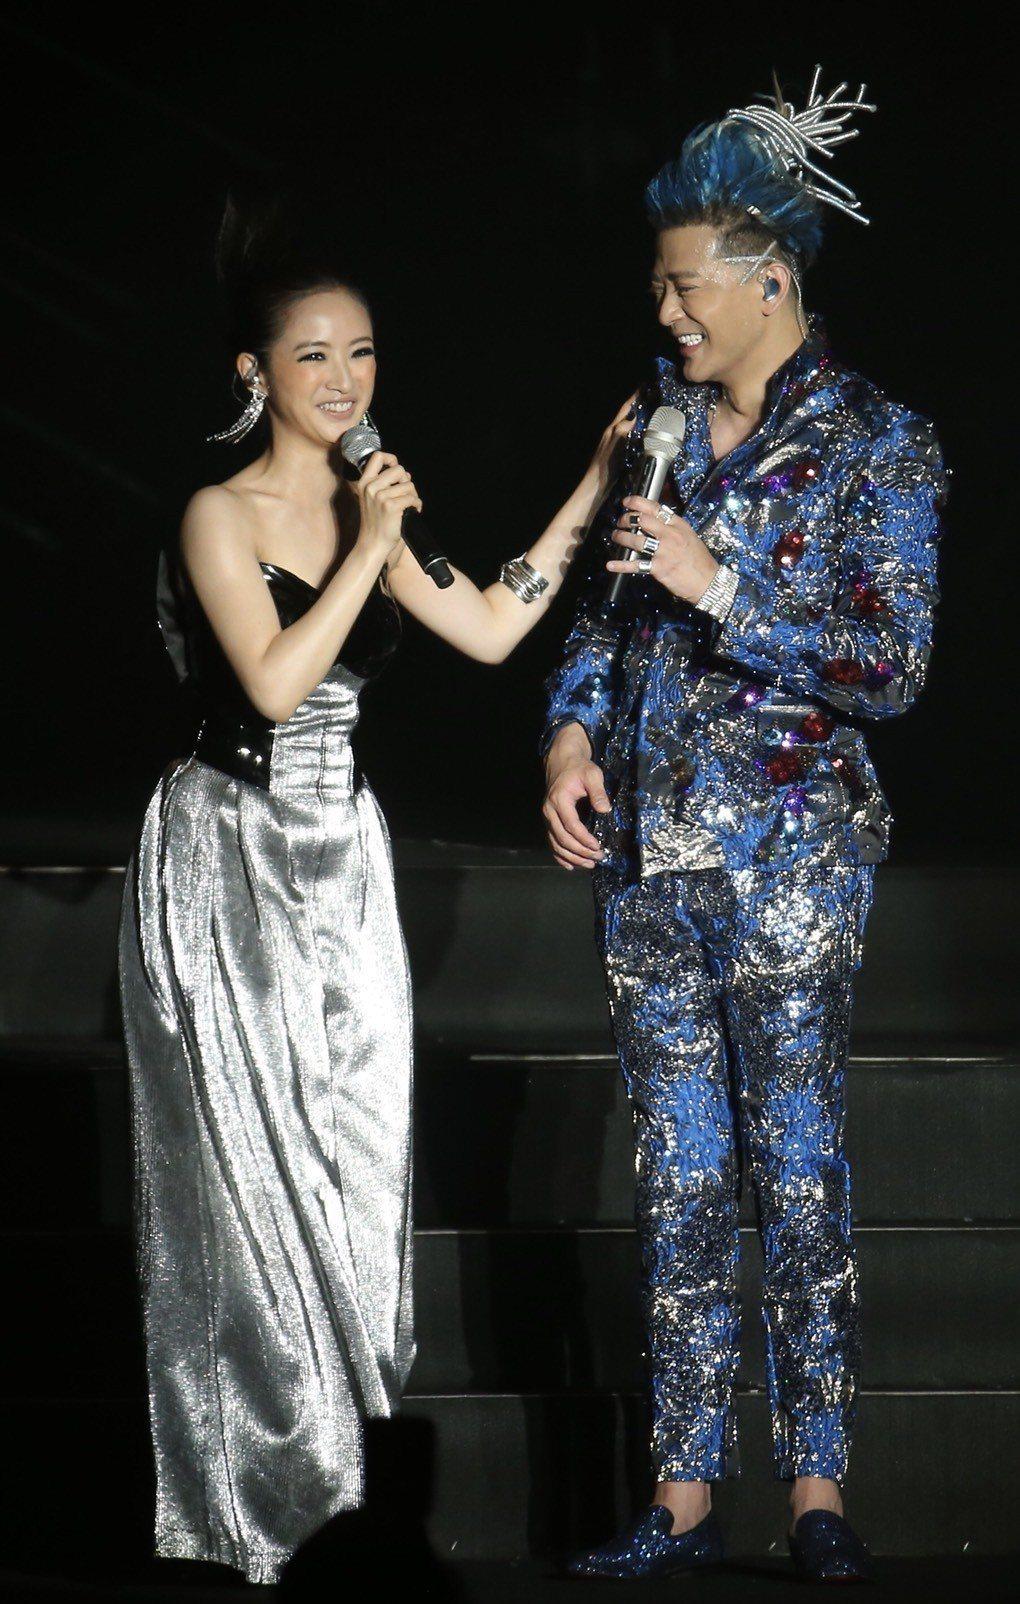 陳曉東28日在南港展覽館開唱,林依晨擔任嘉賓。記者許正宏/攝影